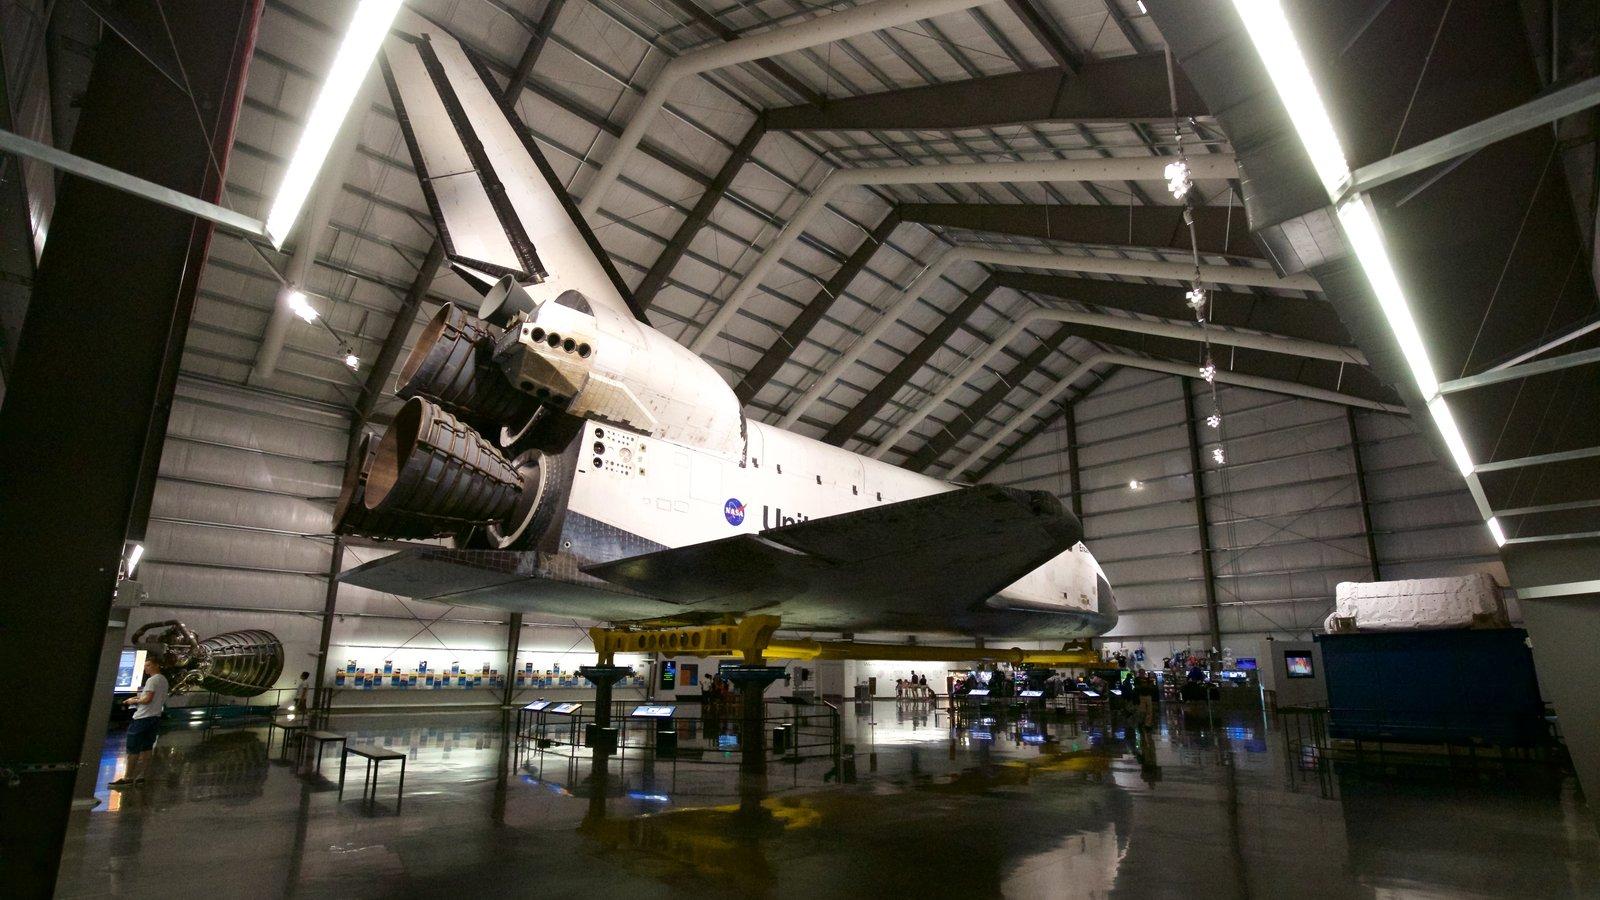 Museo California Science Center mostrando aeronave y vistas interiores